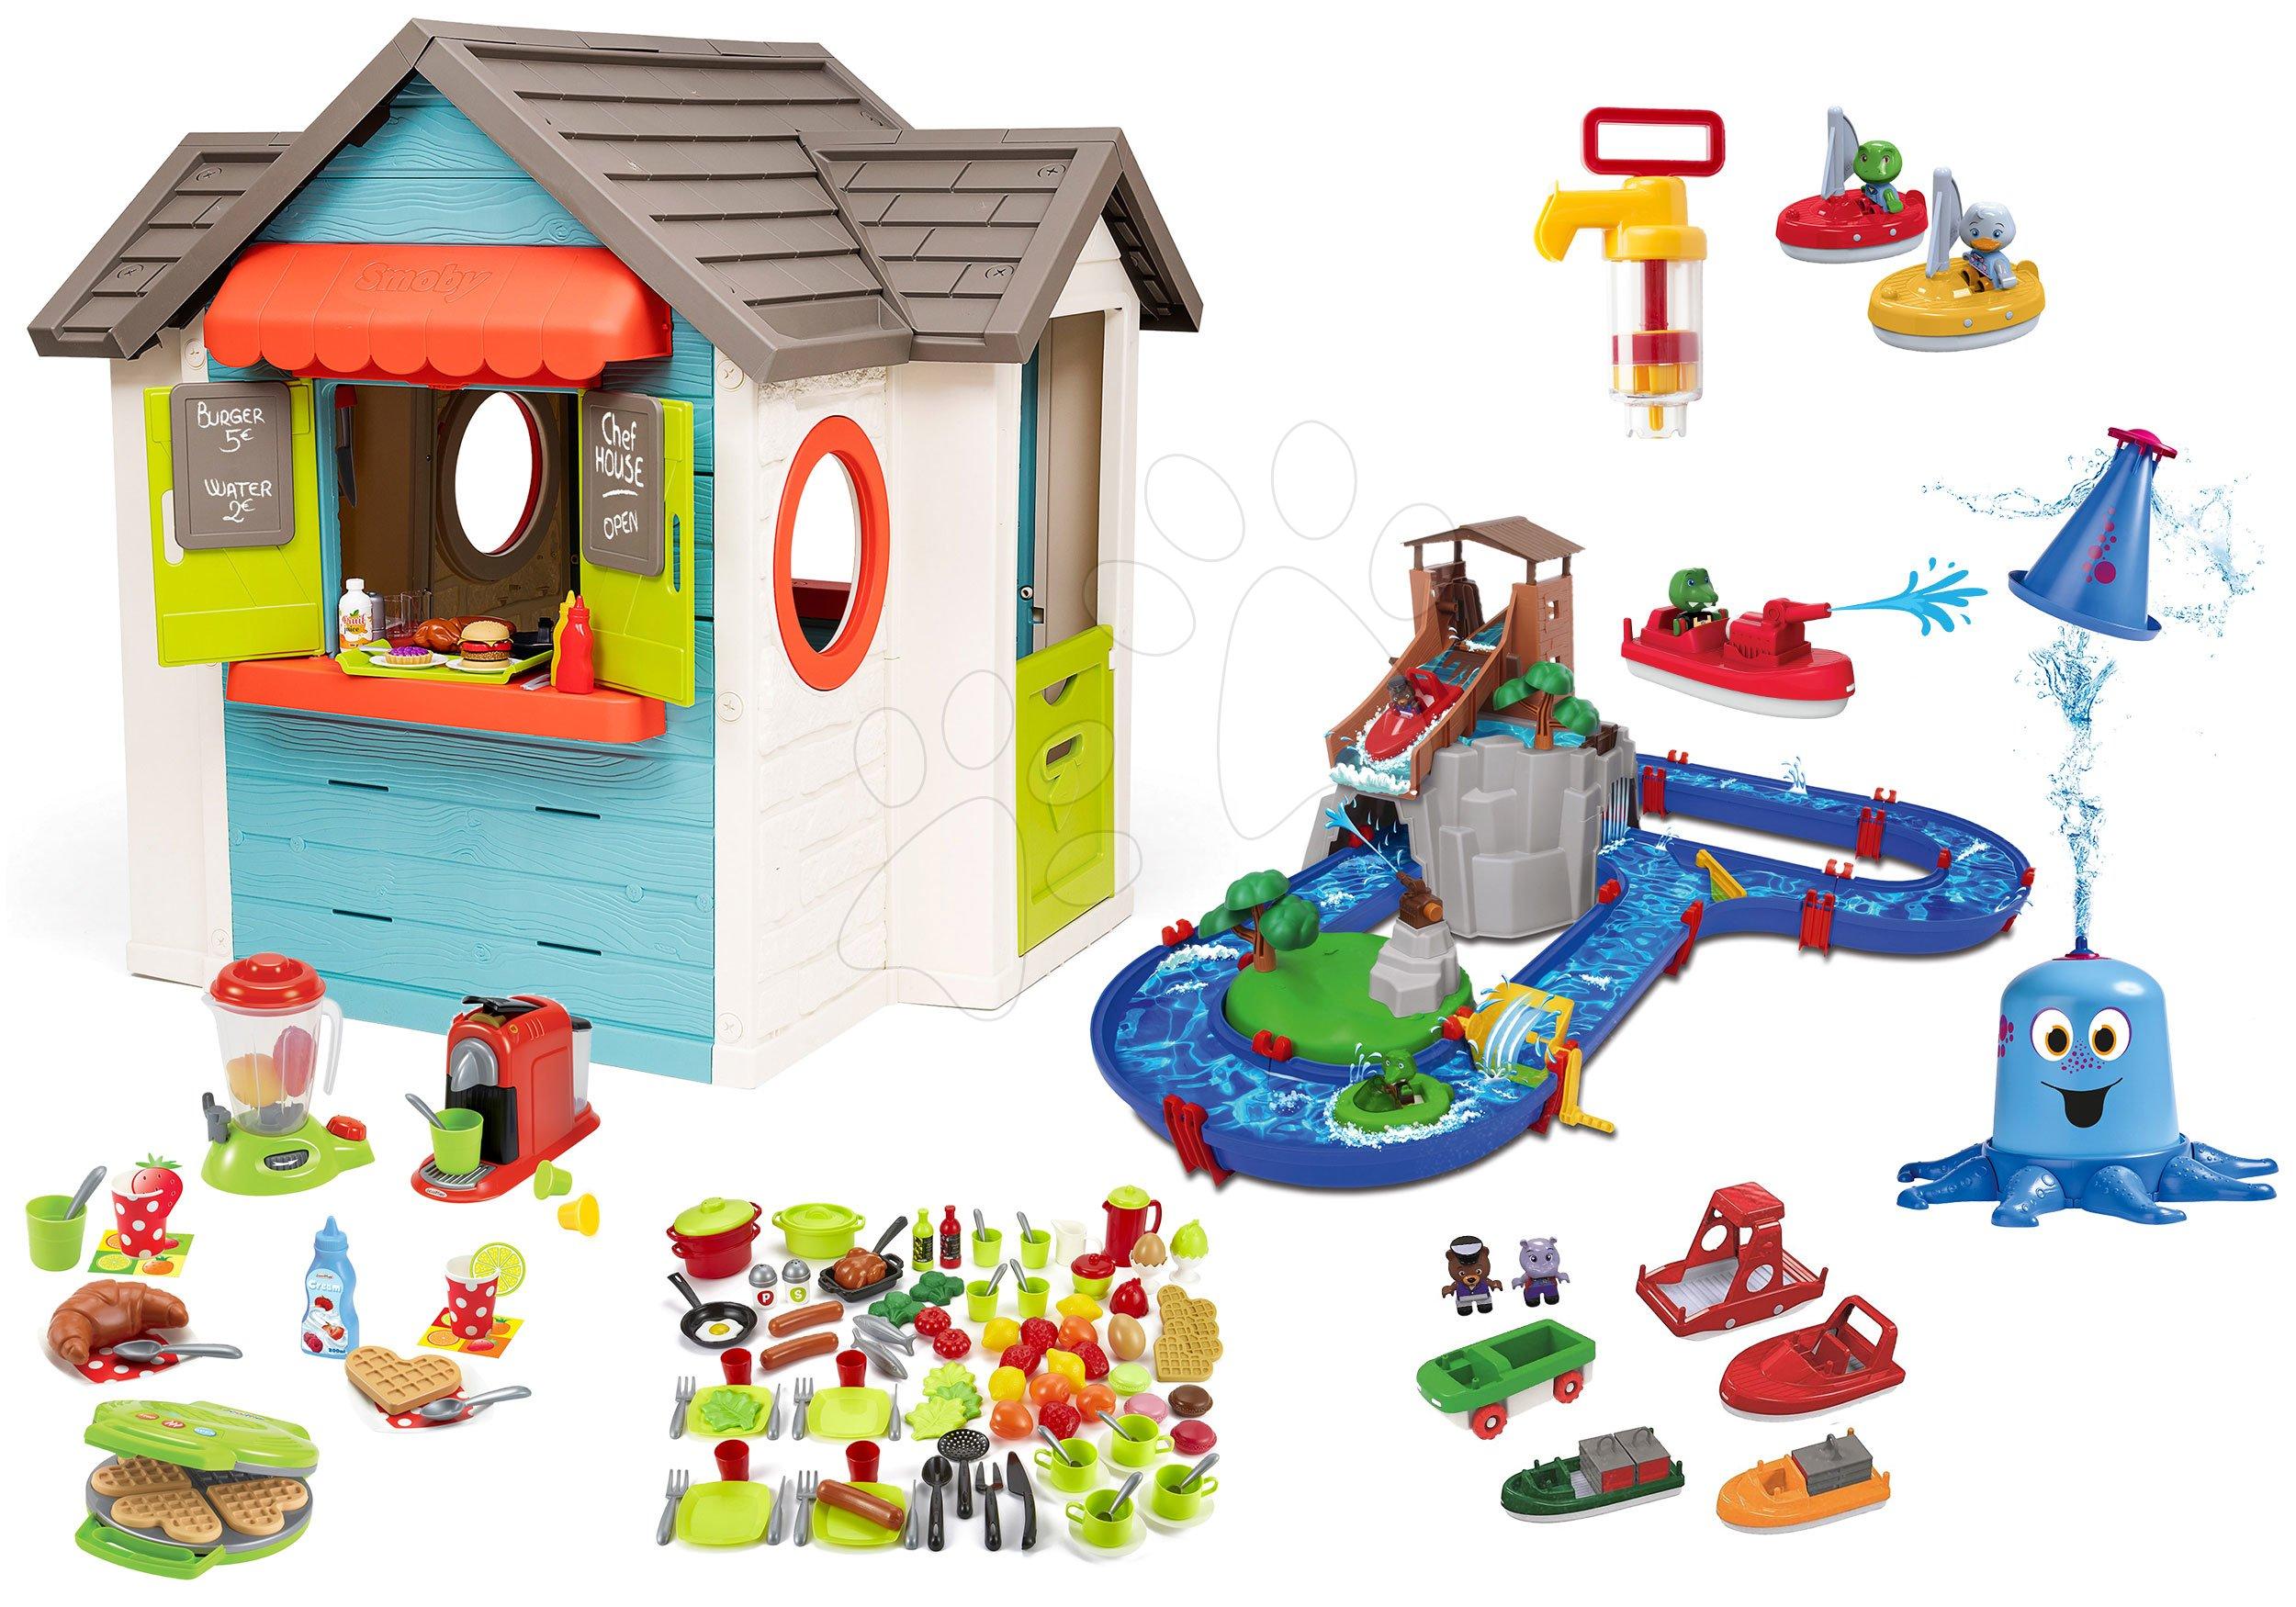 Set domček so záhradnou reštauráciou Chef House DeLuxe Smoby a vodná dráha AquaPlay Adventure Land s dobrodružstvom a potravinami